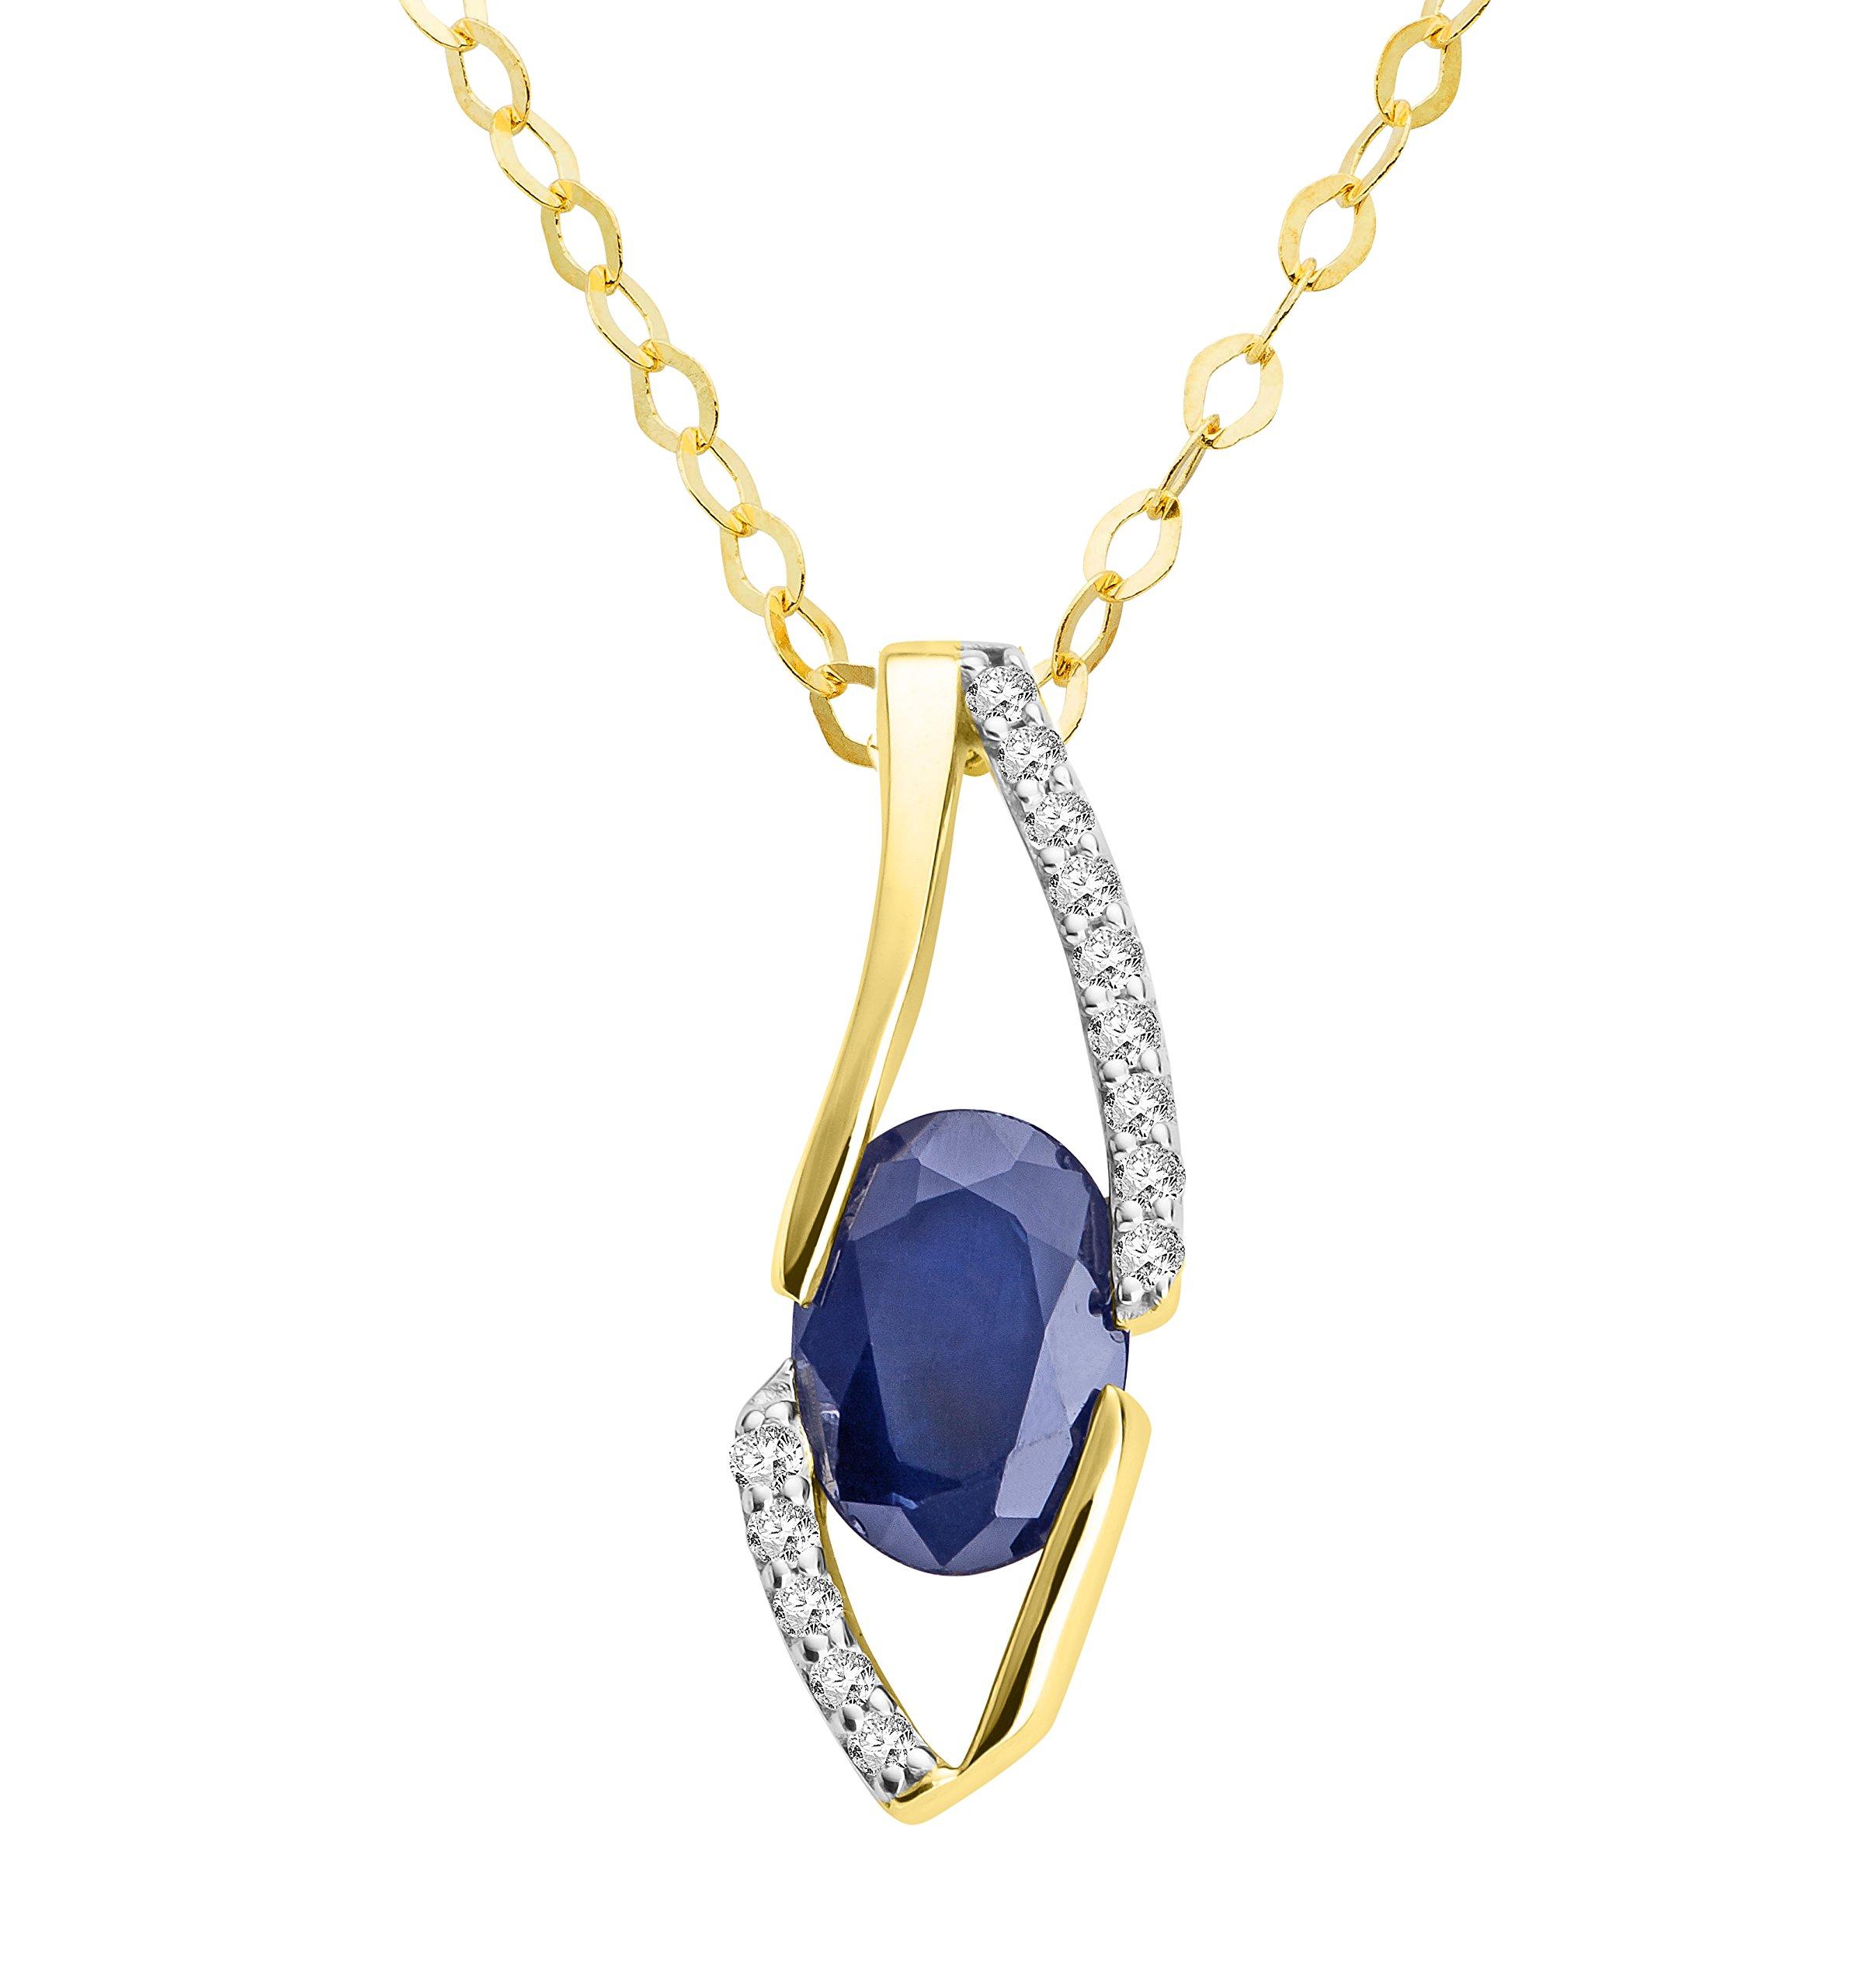 Ciondolo Miore per donna 18carati (750) oro giallo zaffiro con brillanti 45cm blu taglio ovale e d